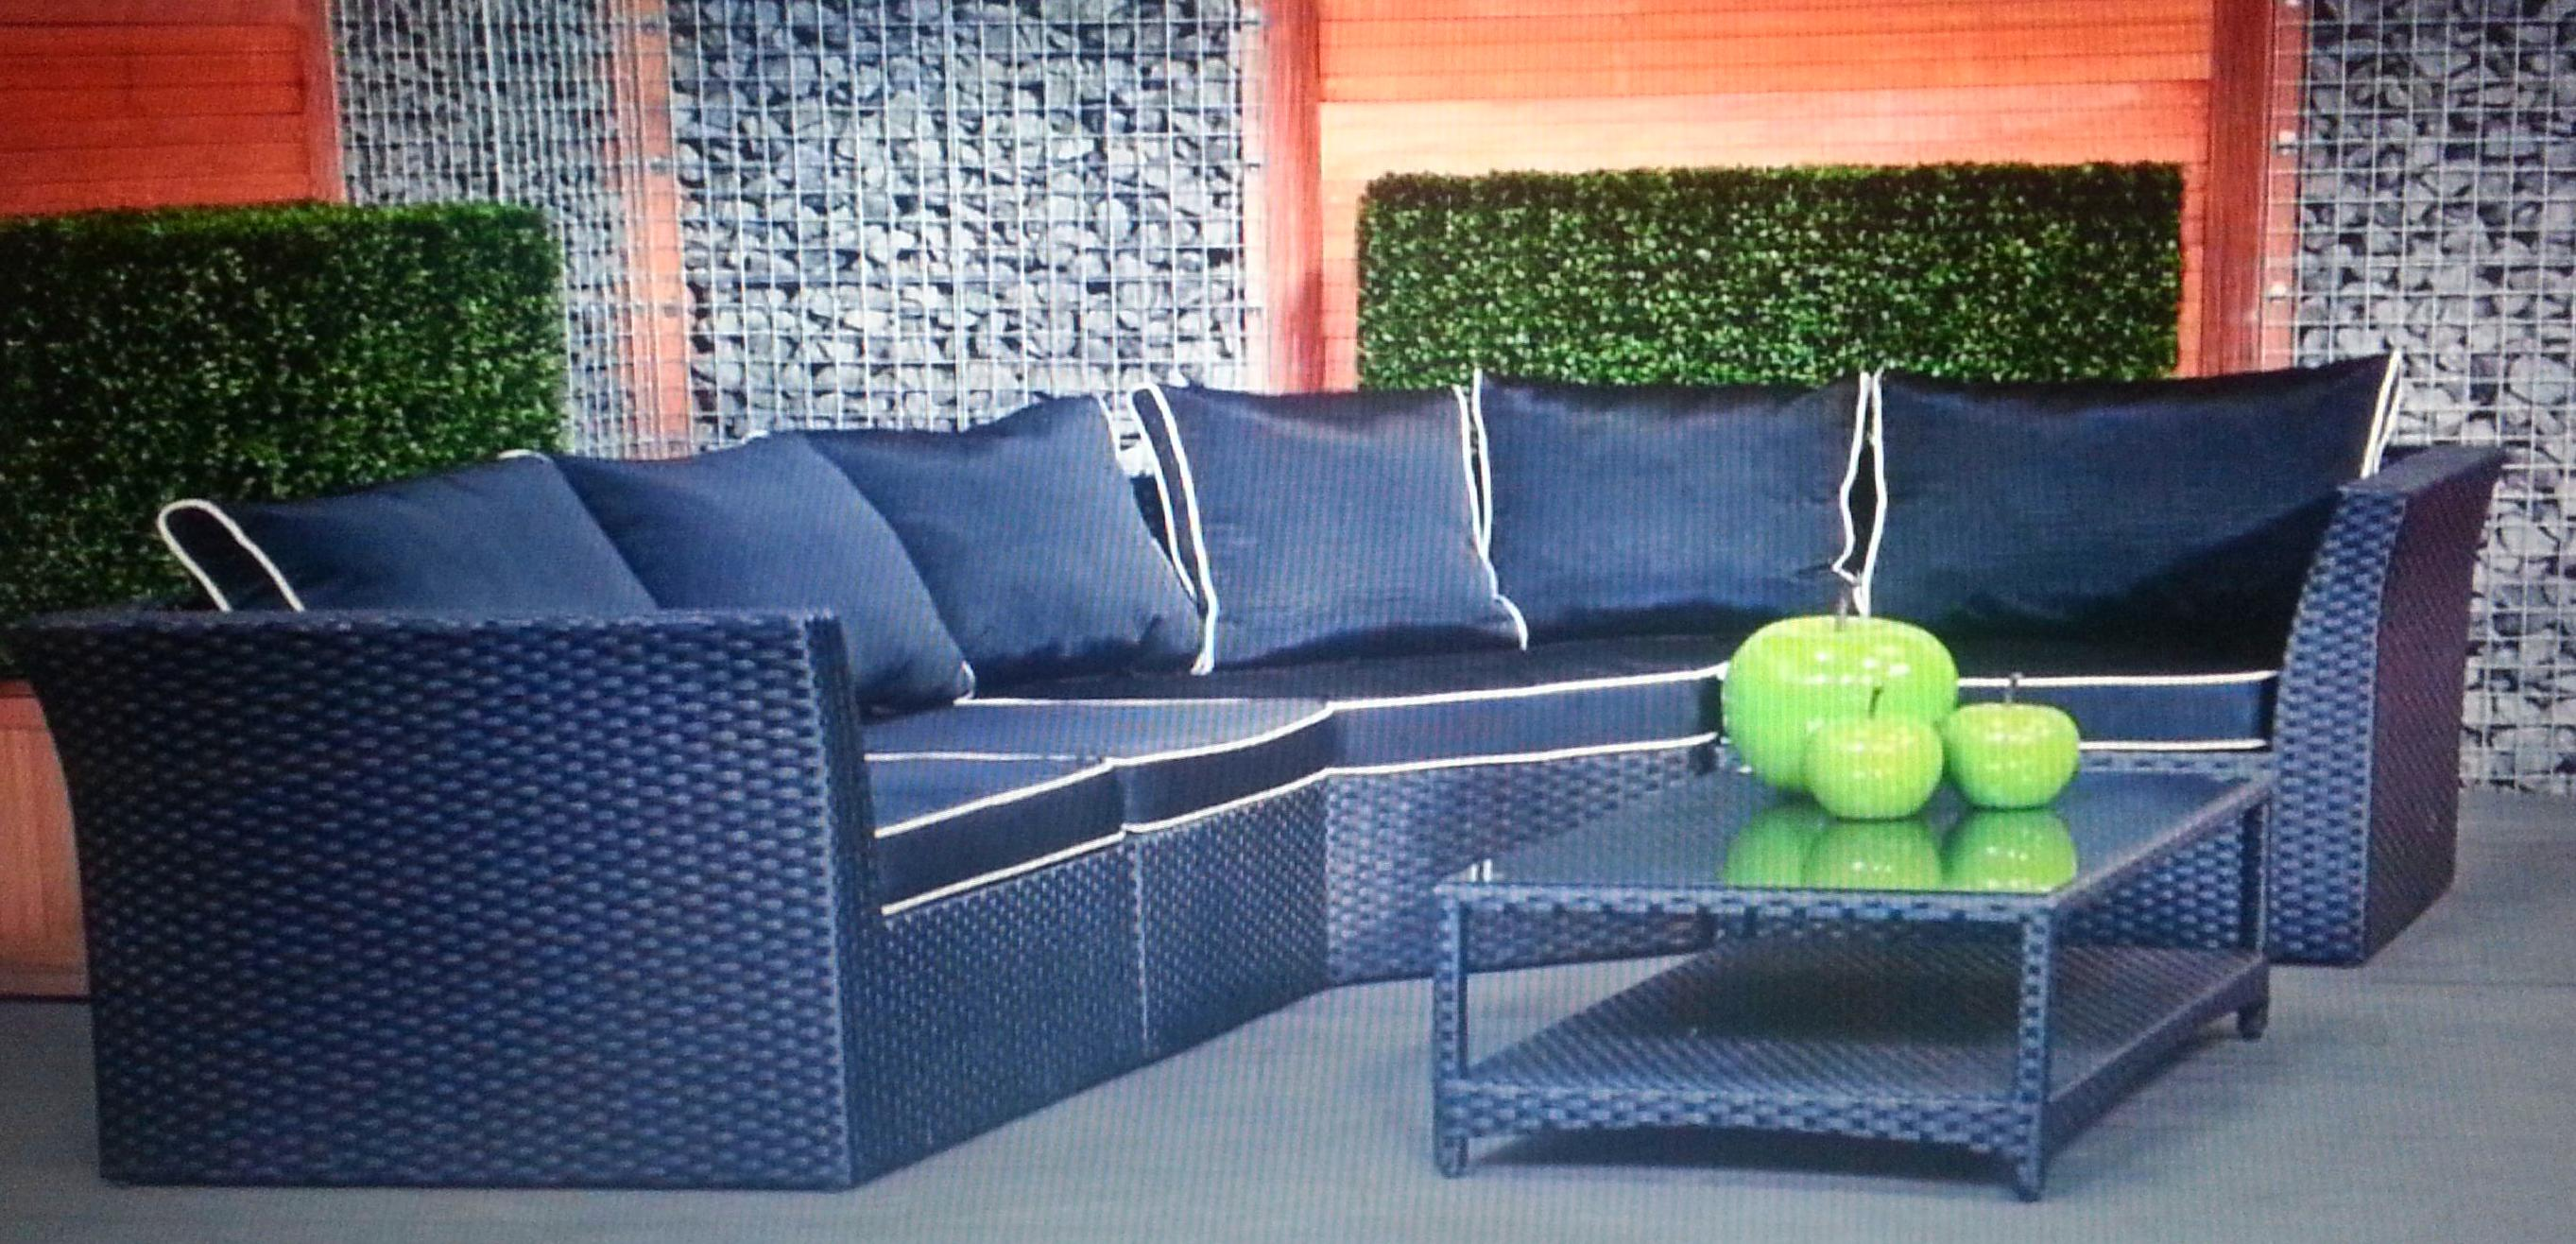 Disponemos de muebles para el jardín, pregúntanos y te informaremos.......